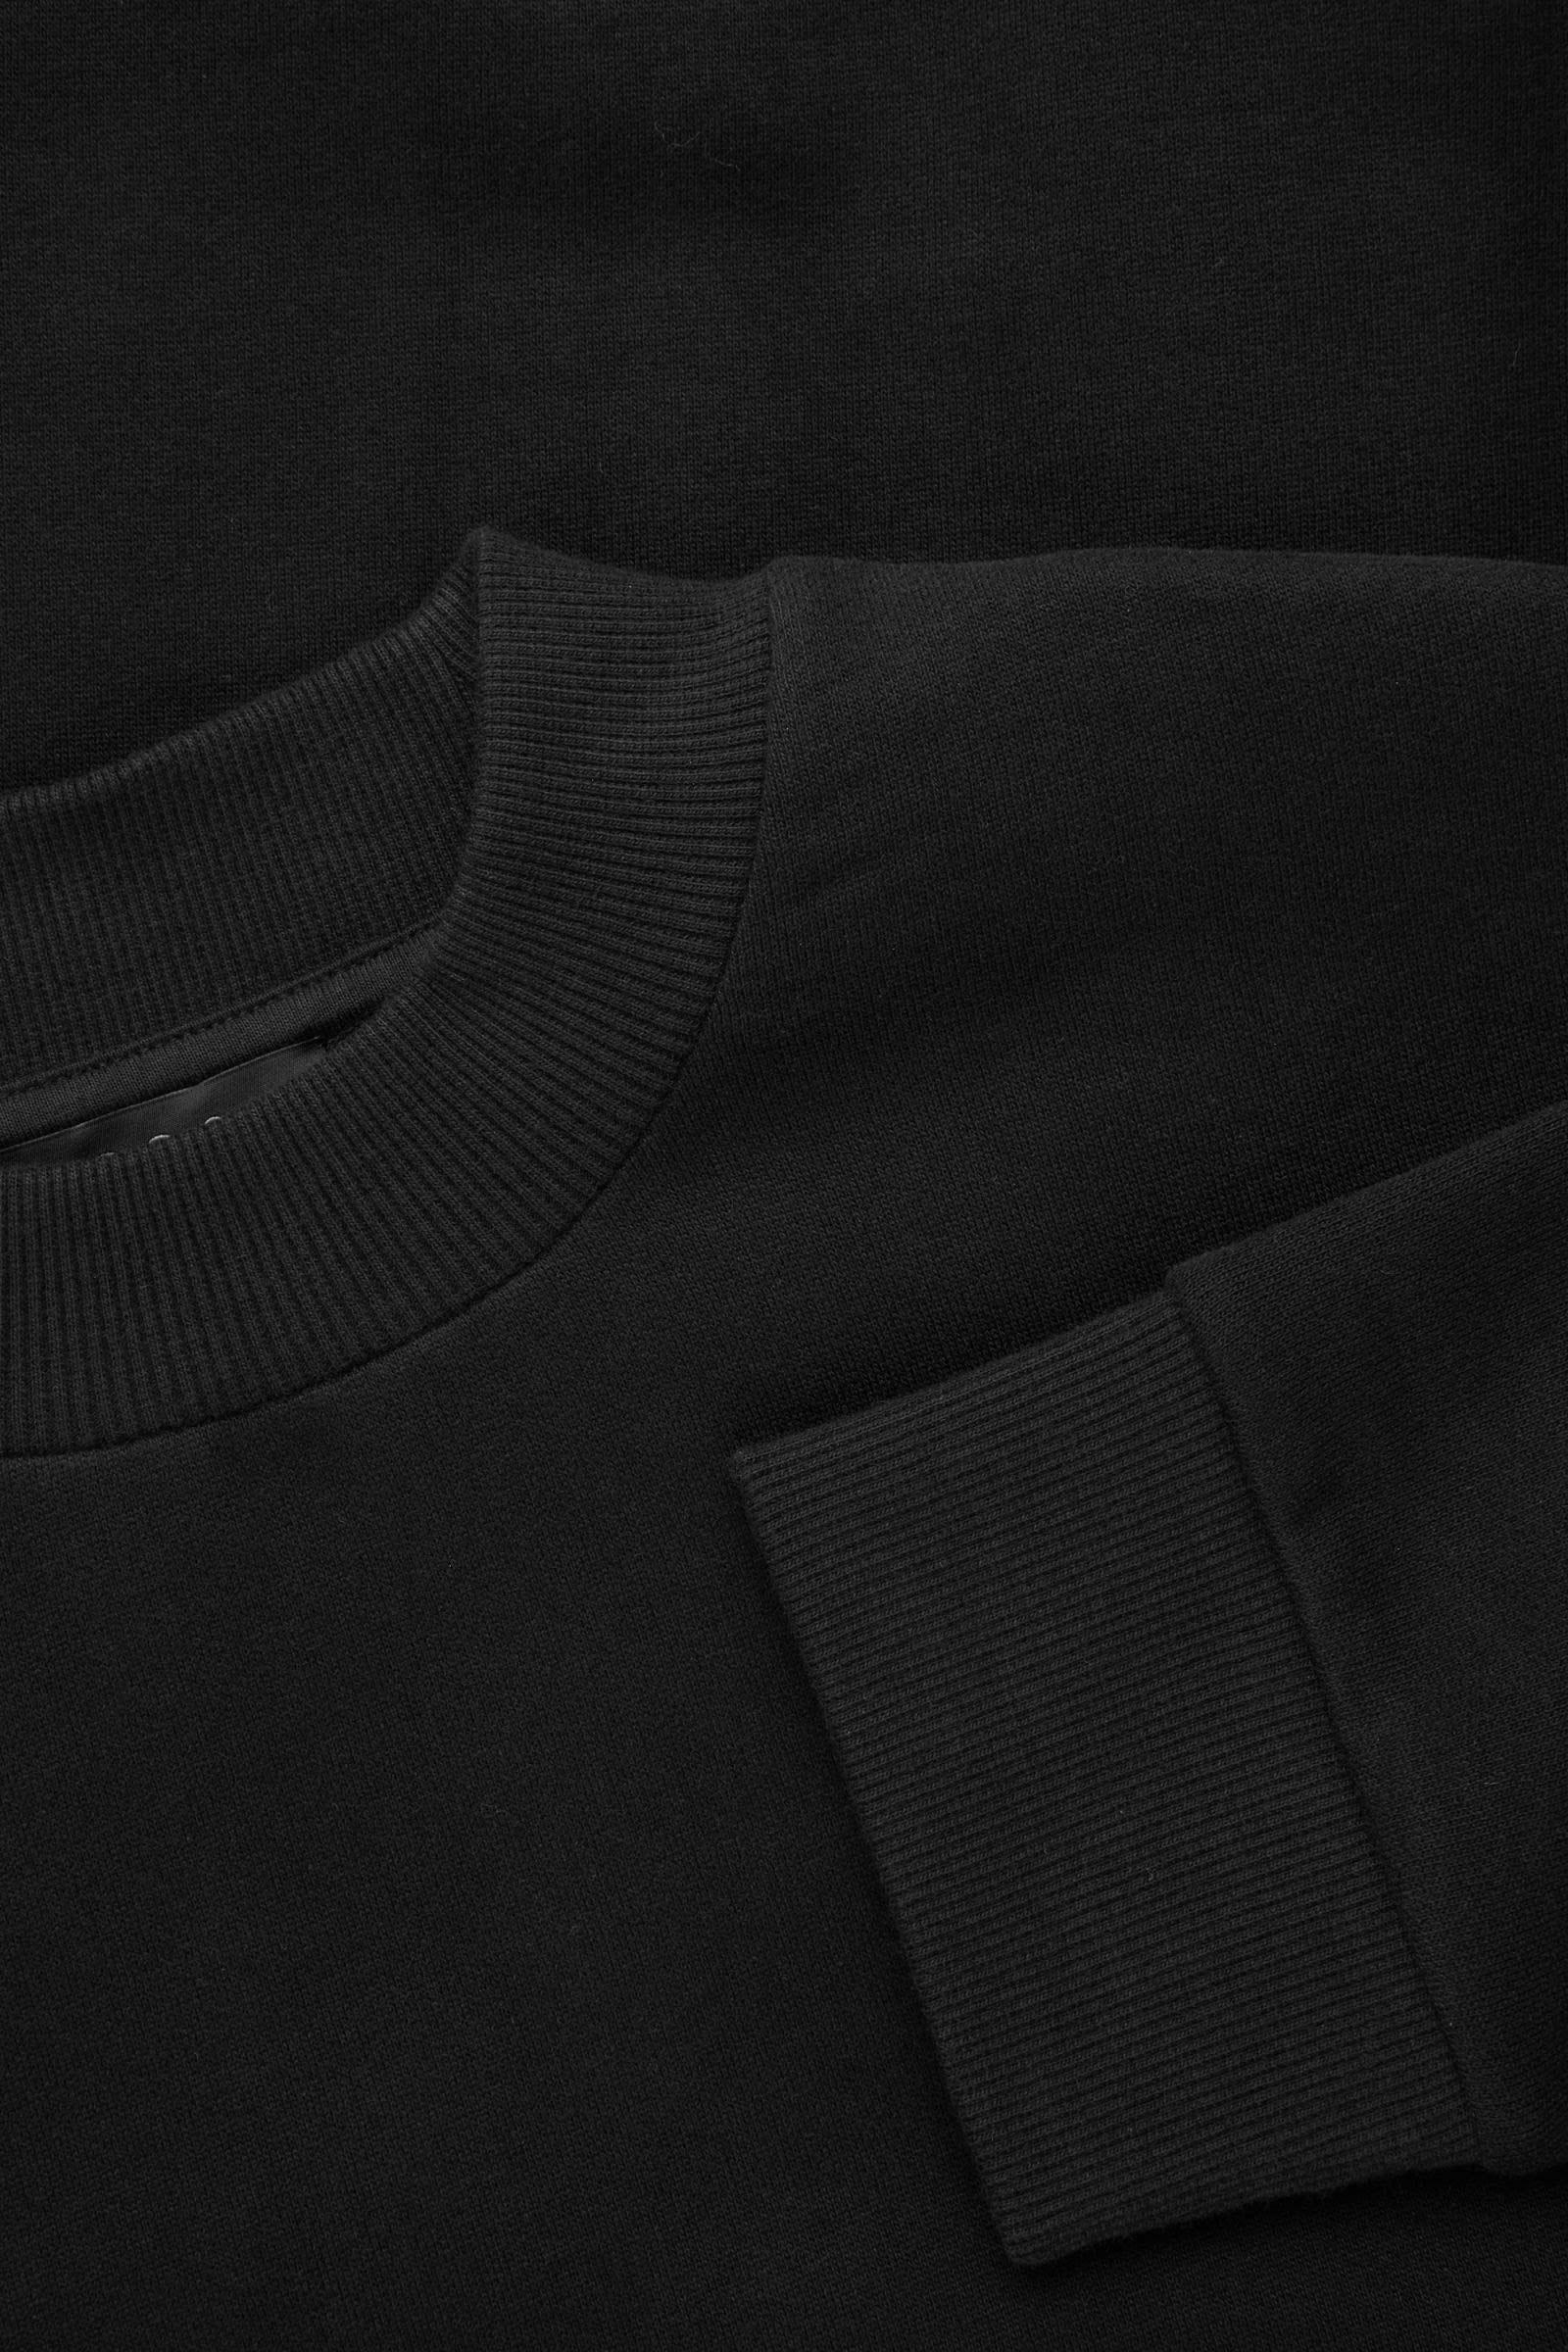 COS 코튼 스웻셔츠의 블랙컬러 Detail입니다.